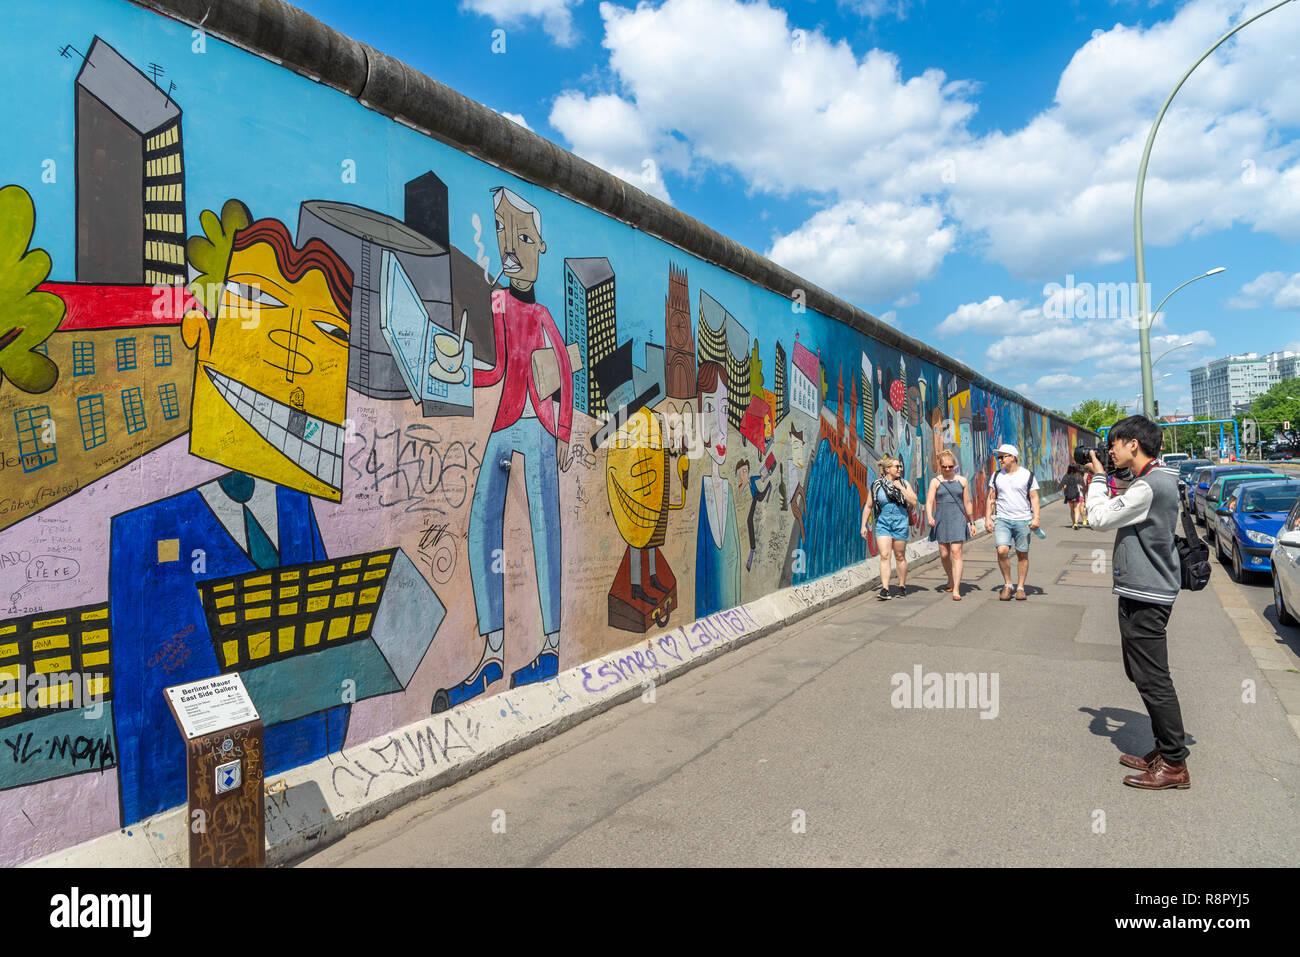 Turista tomando fotos en el East Side Gallery del Muro de Berlín, Berlín, Alemania Imagen De Stock